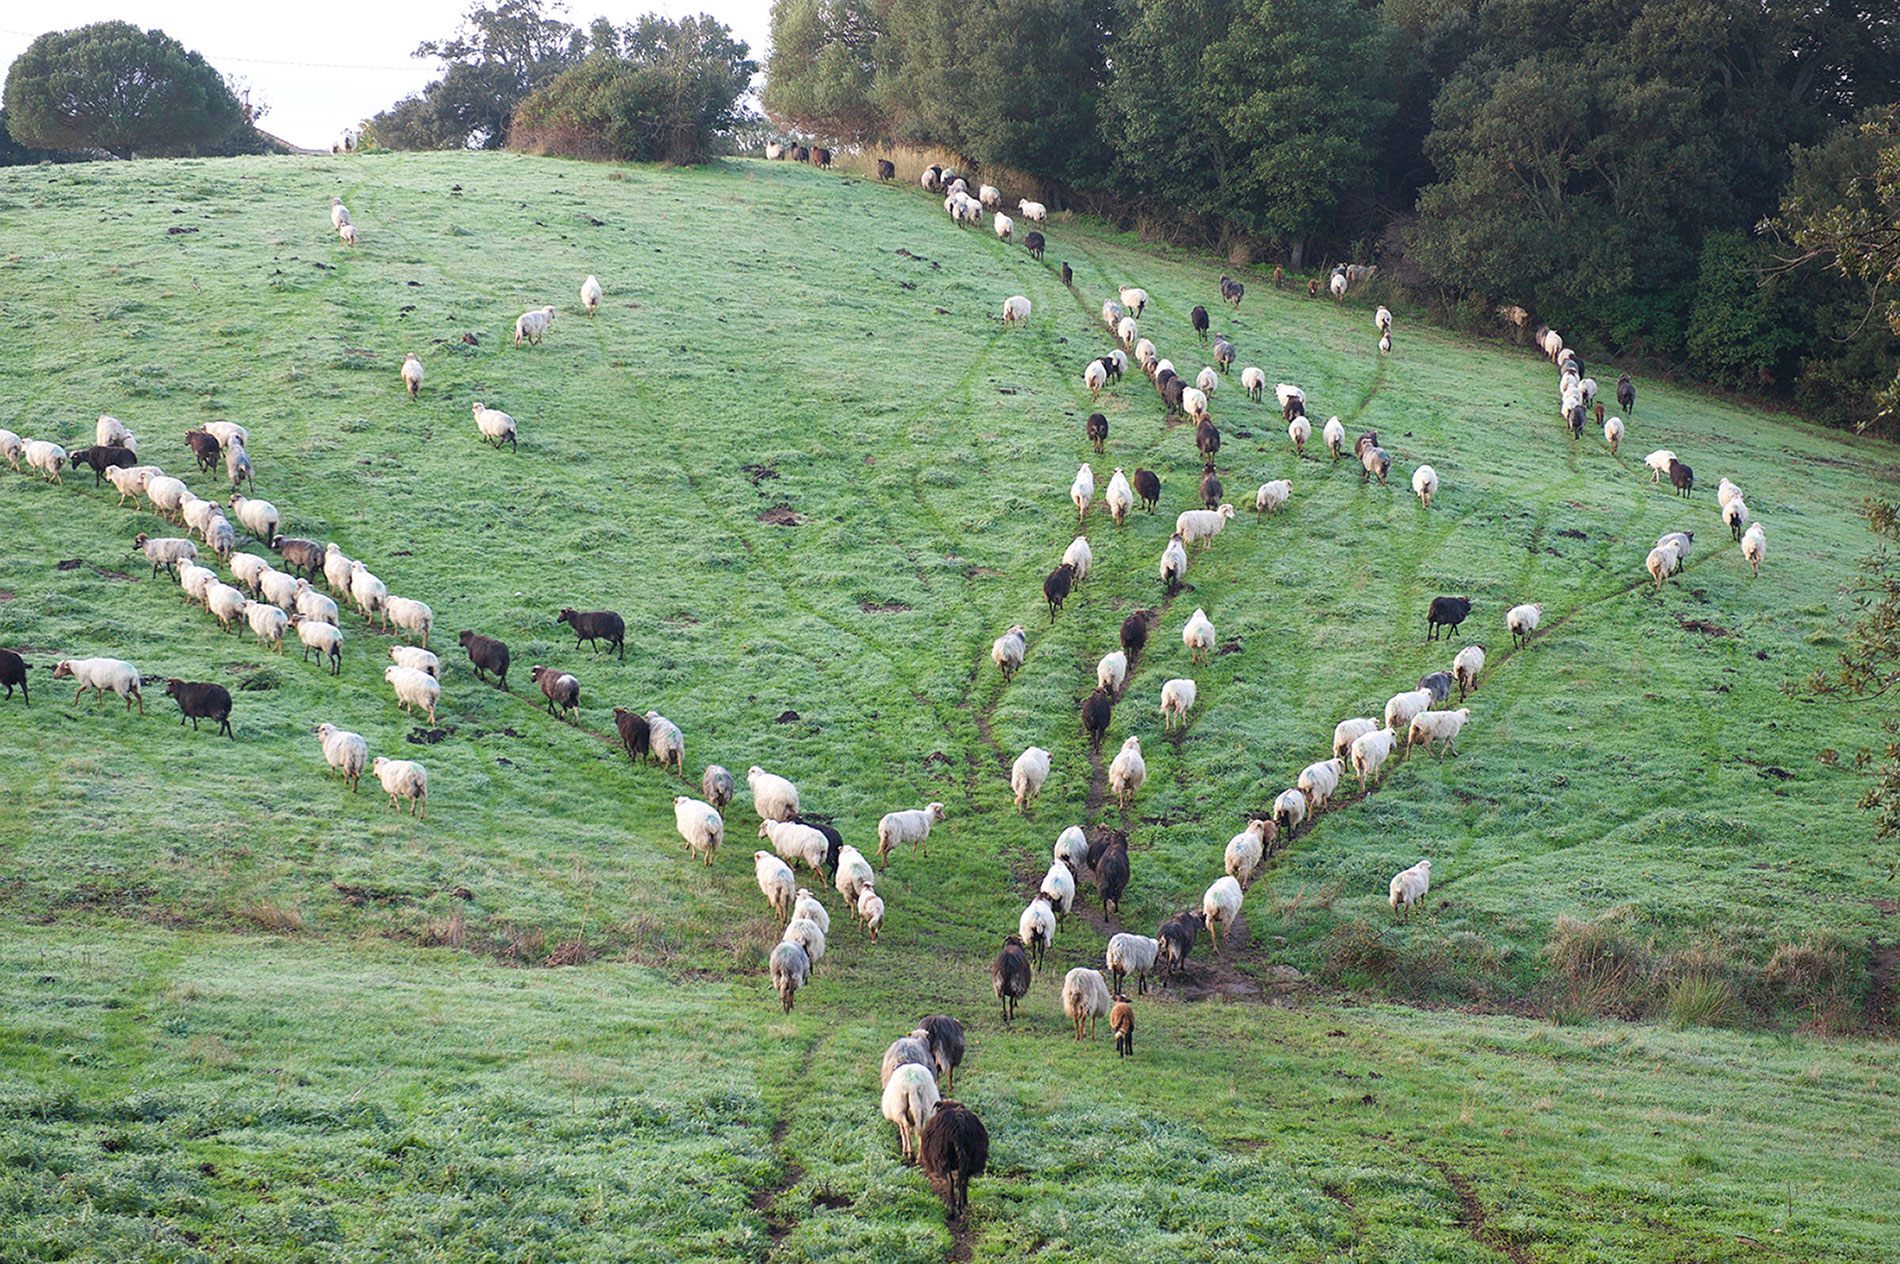 Le troupeau de brebis de Valicella quitte la ferme pour pâturer.